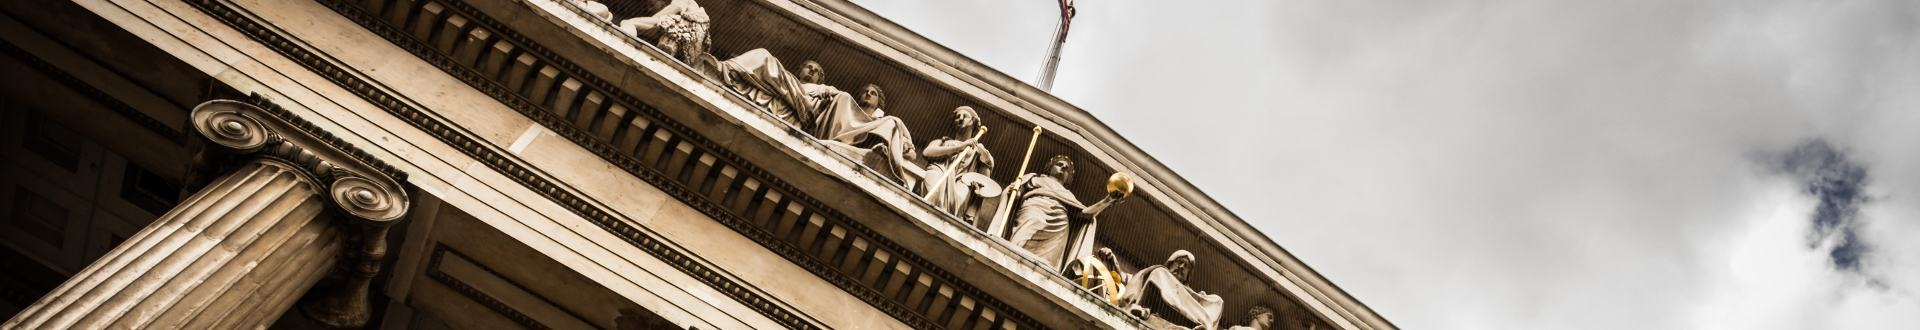 Gericht 1 - Private Unfallrente mindert nicht Entschädigung für Gewaltopfer